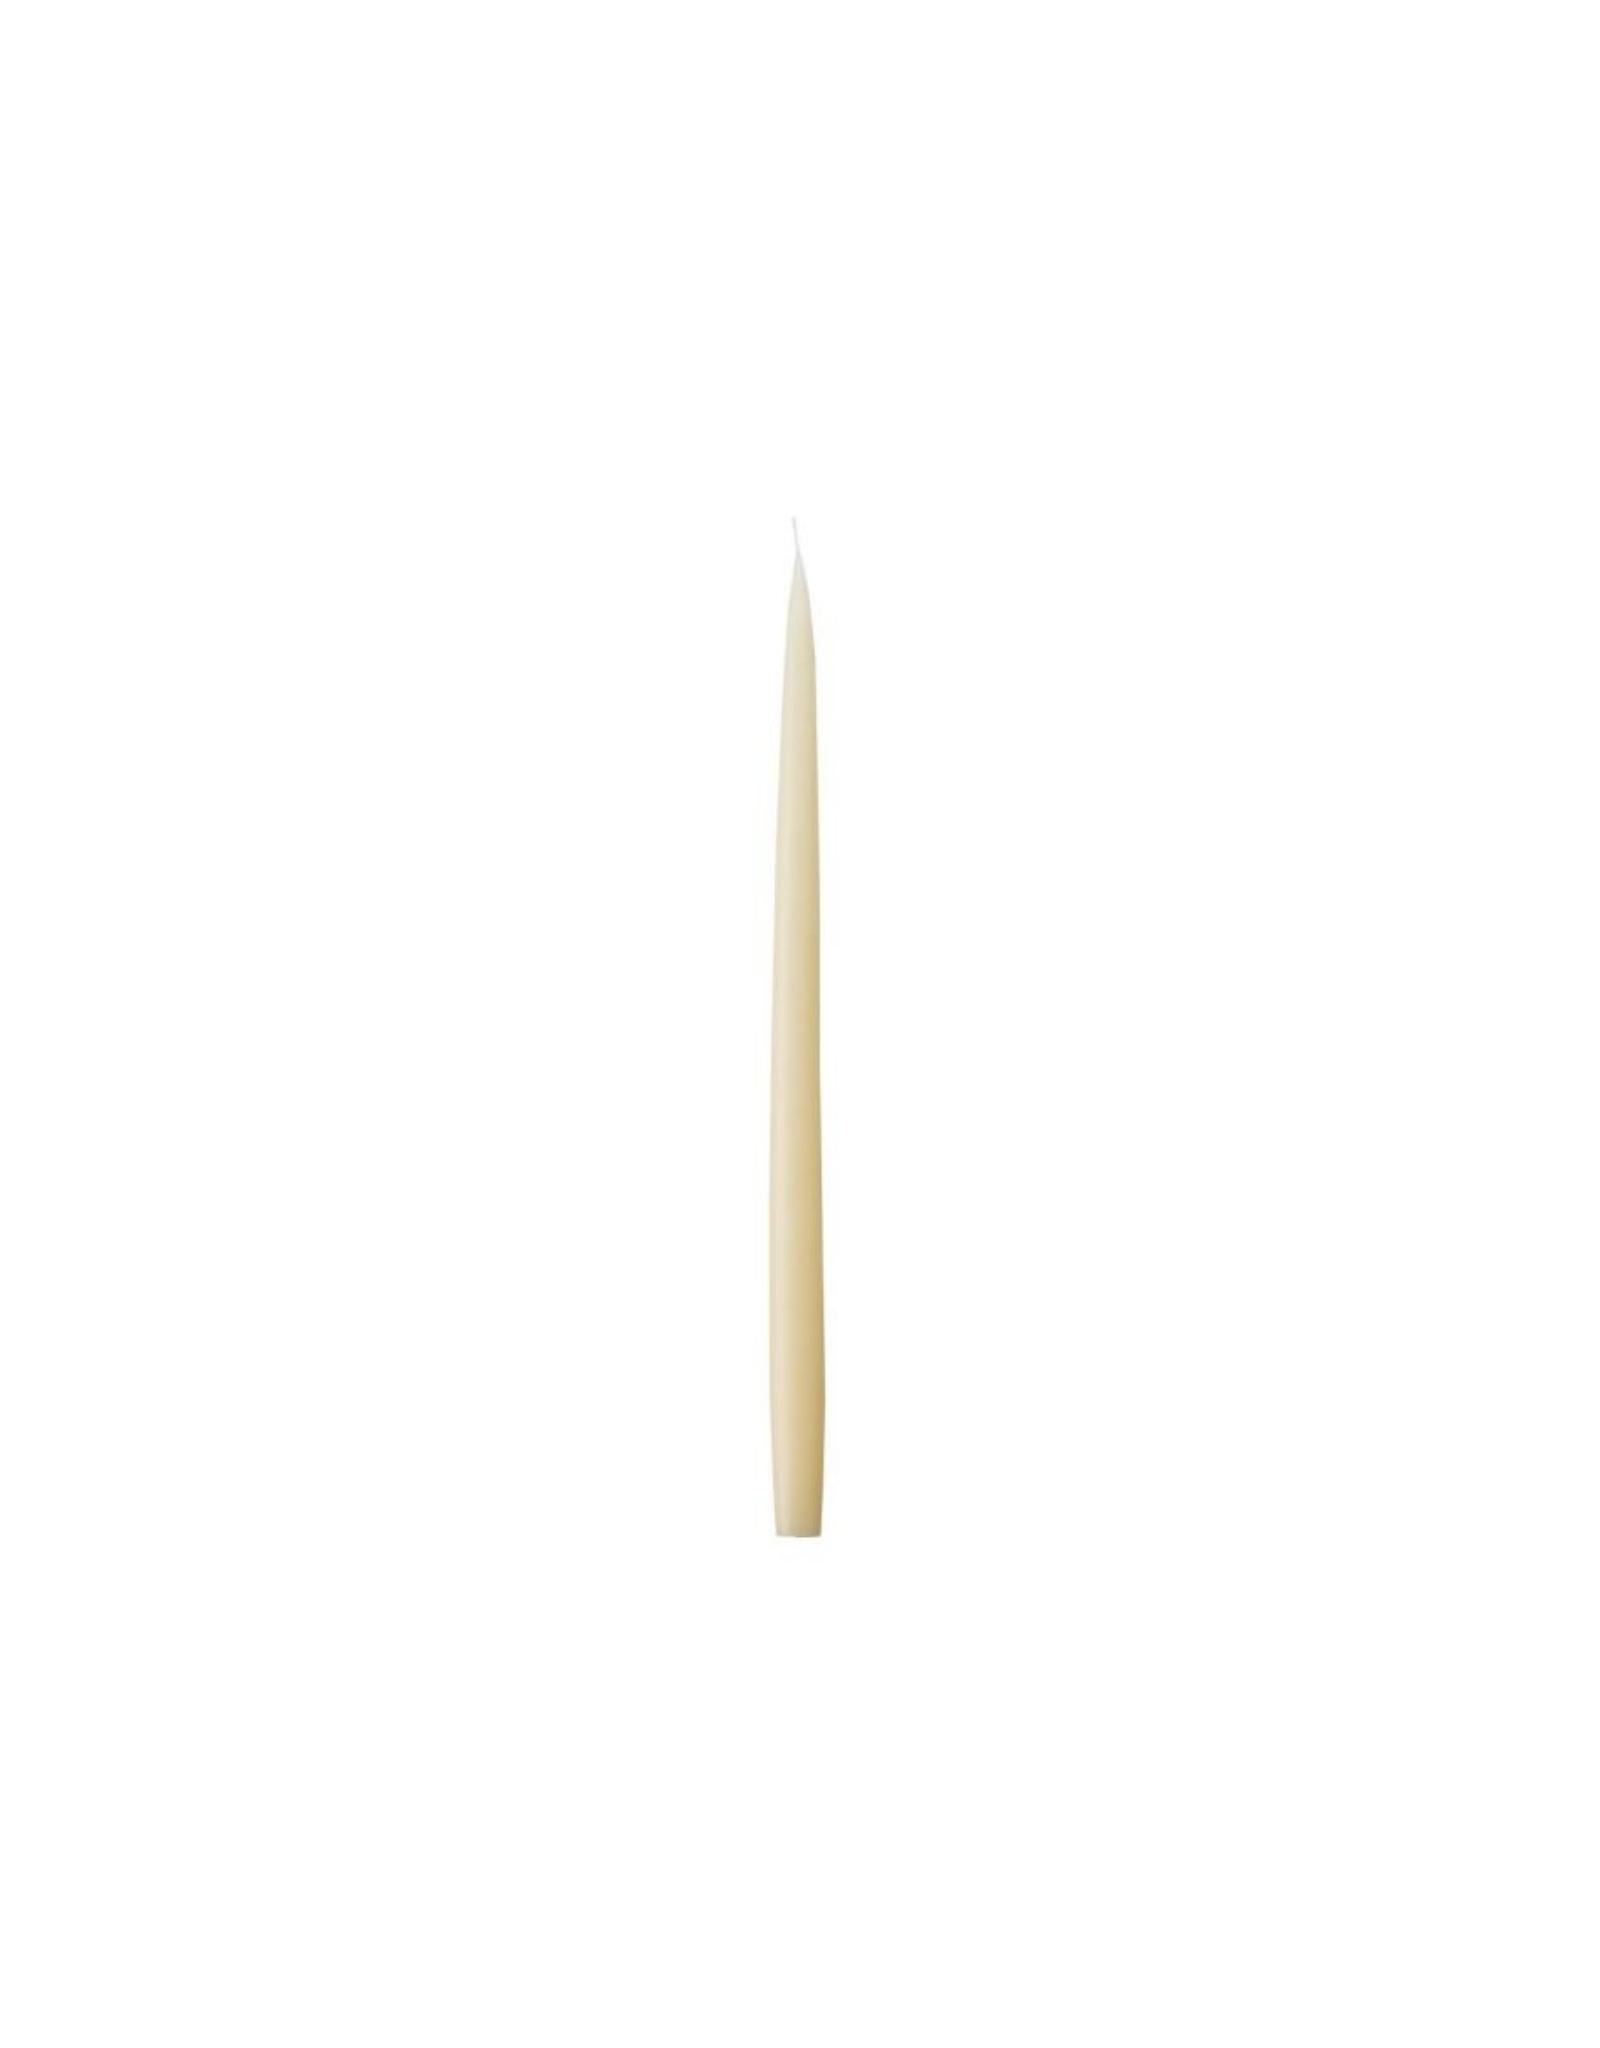 Kunst Industrien Kaars | Ivory